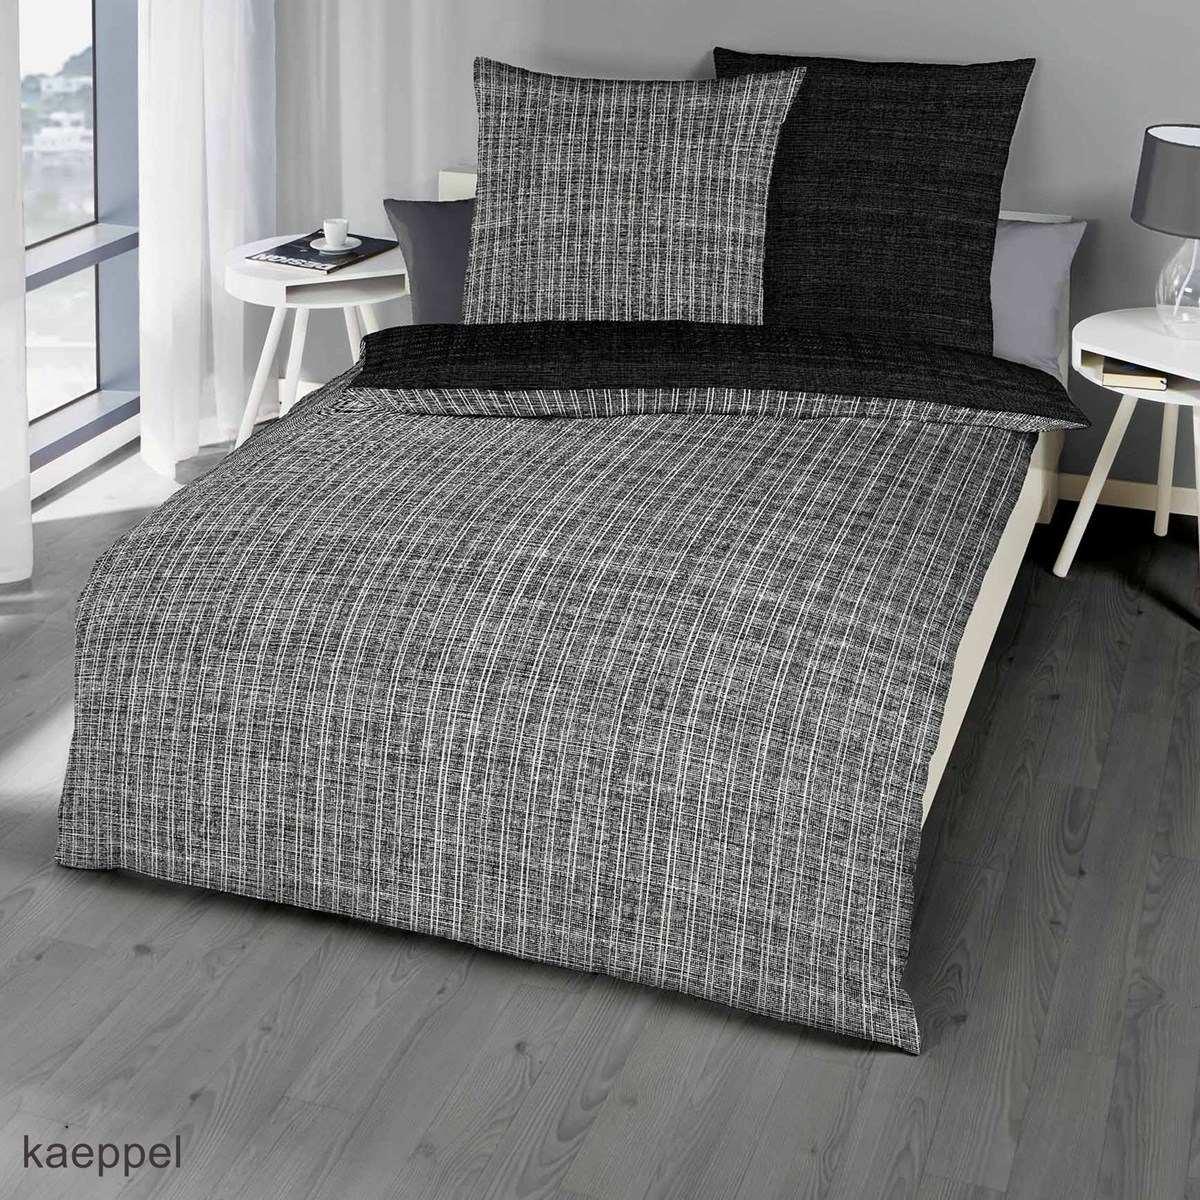 mako satin bettw sche essential schwarz g nstig kaufen. Black Bedroom Furniture Sets. Home Design Ideas